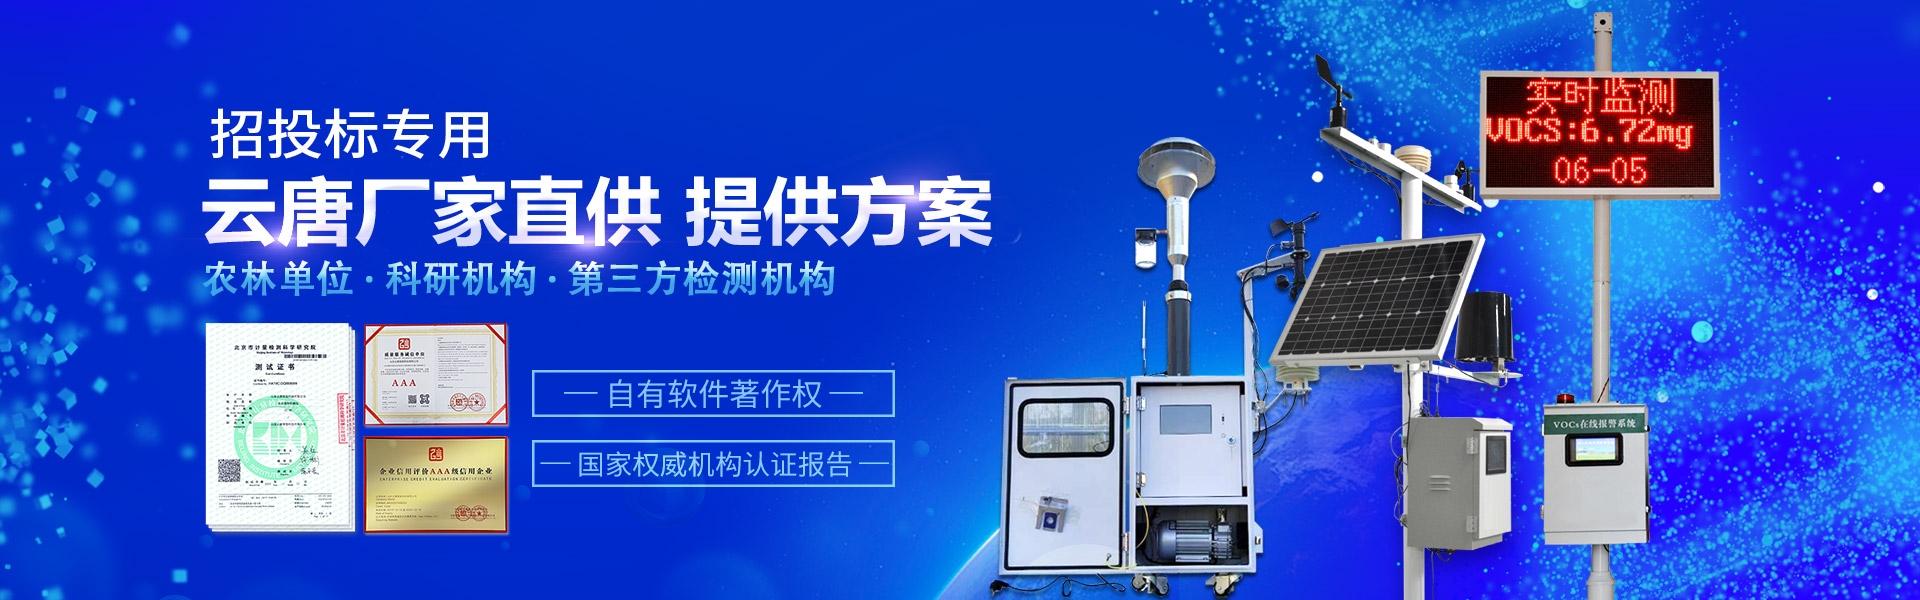 -智能农业气象站设备-智能农业气象站设备(介绍)